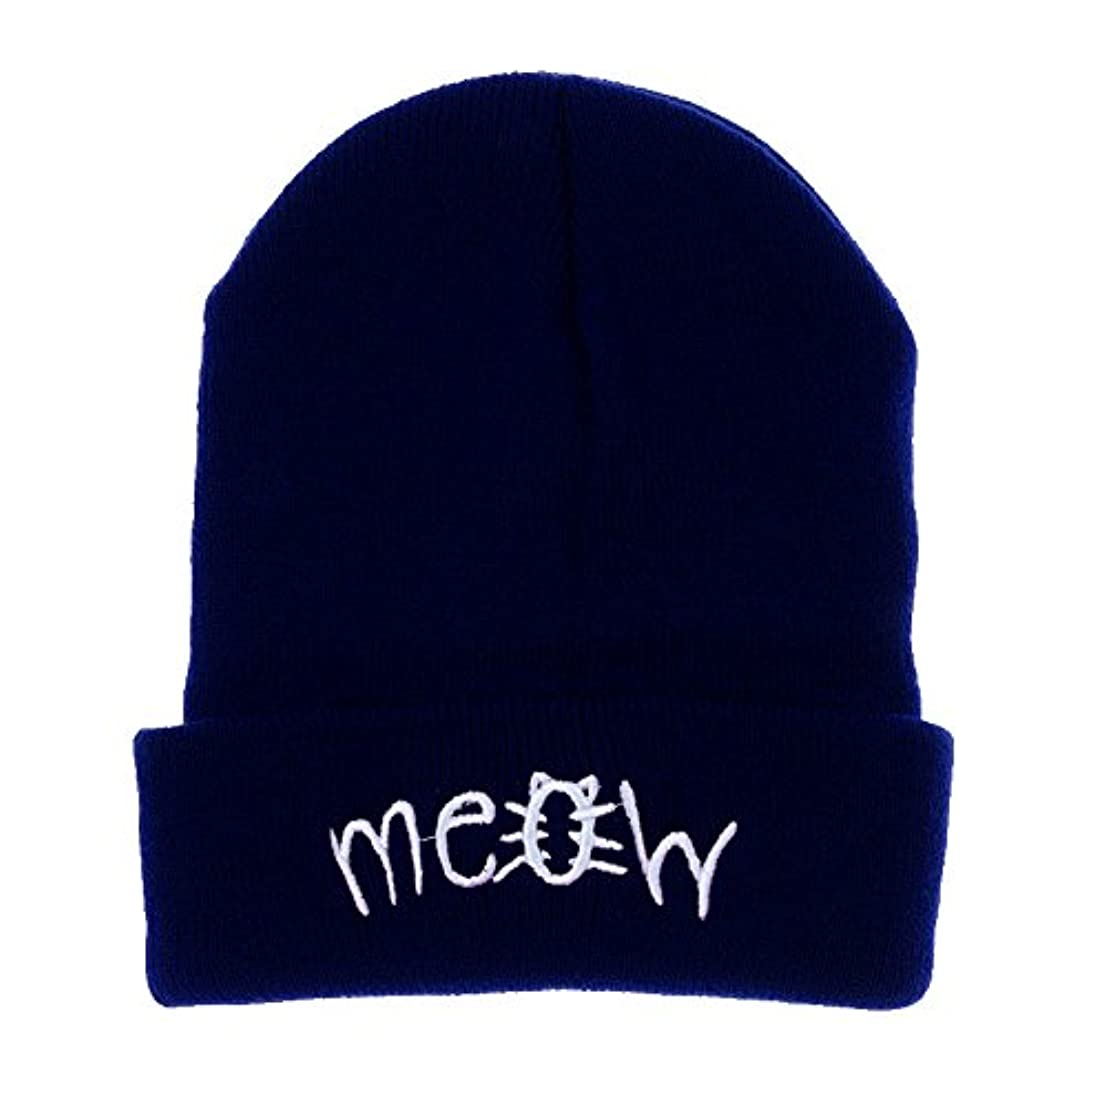 弁護染色まっすぐにするRacazing 選べる4色 ニット帽 縮らす 英語の刺繍 ニット帽 防寒対策 通気性のある 防風 暖かい 軽量 屋外 スキー 自転車 クリスマス 編み物 Hat 男女兼用 (ネービー)